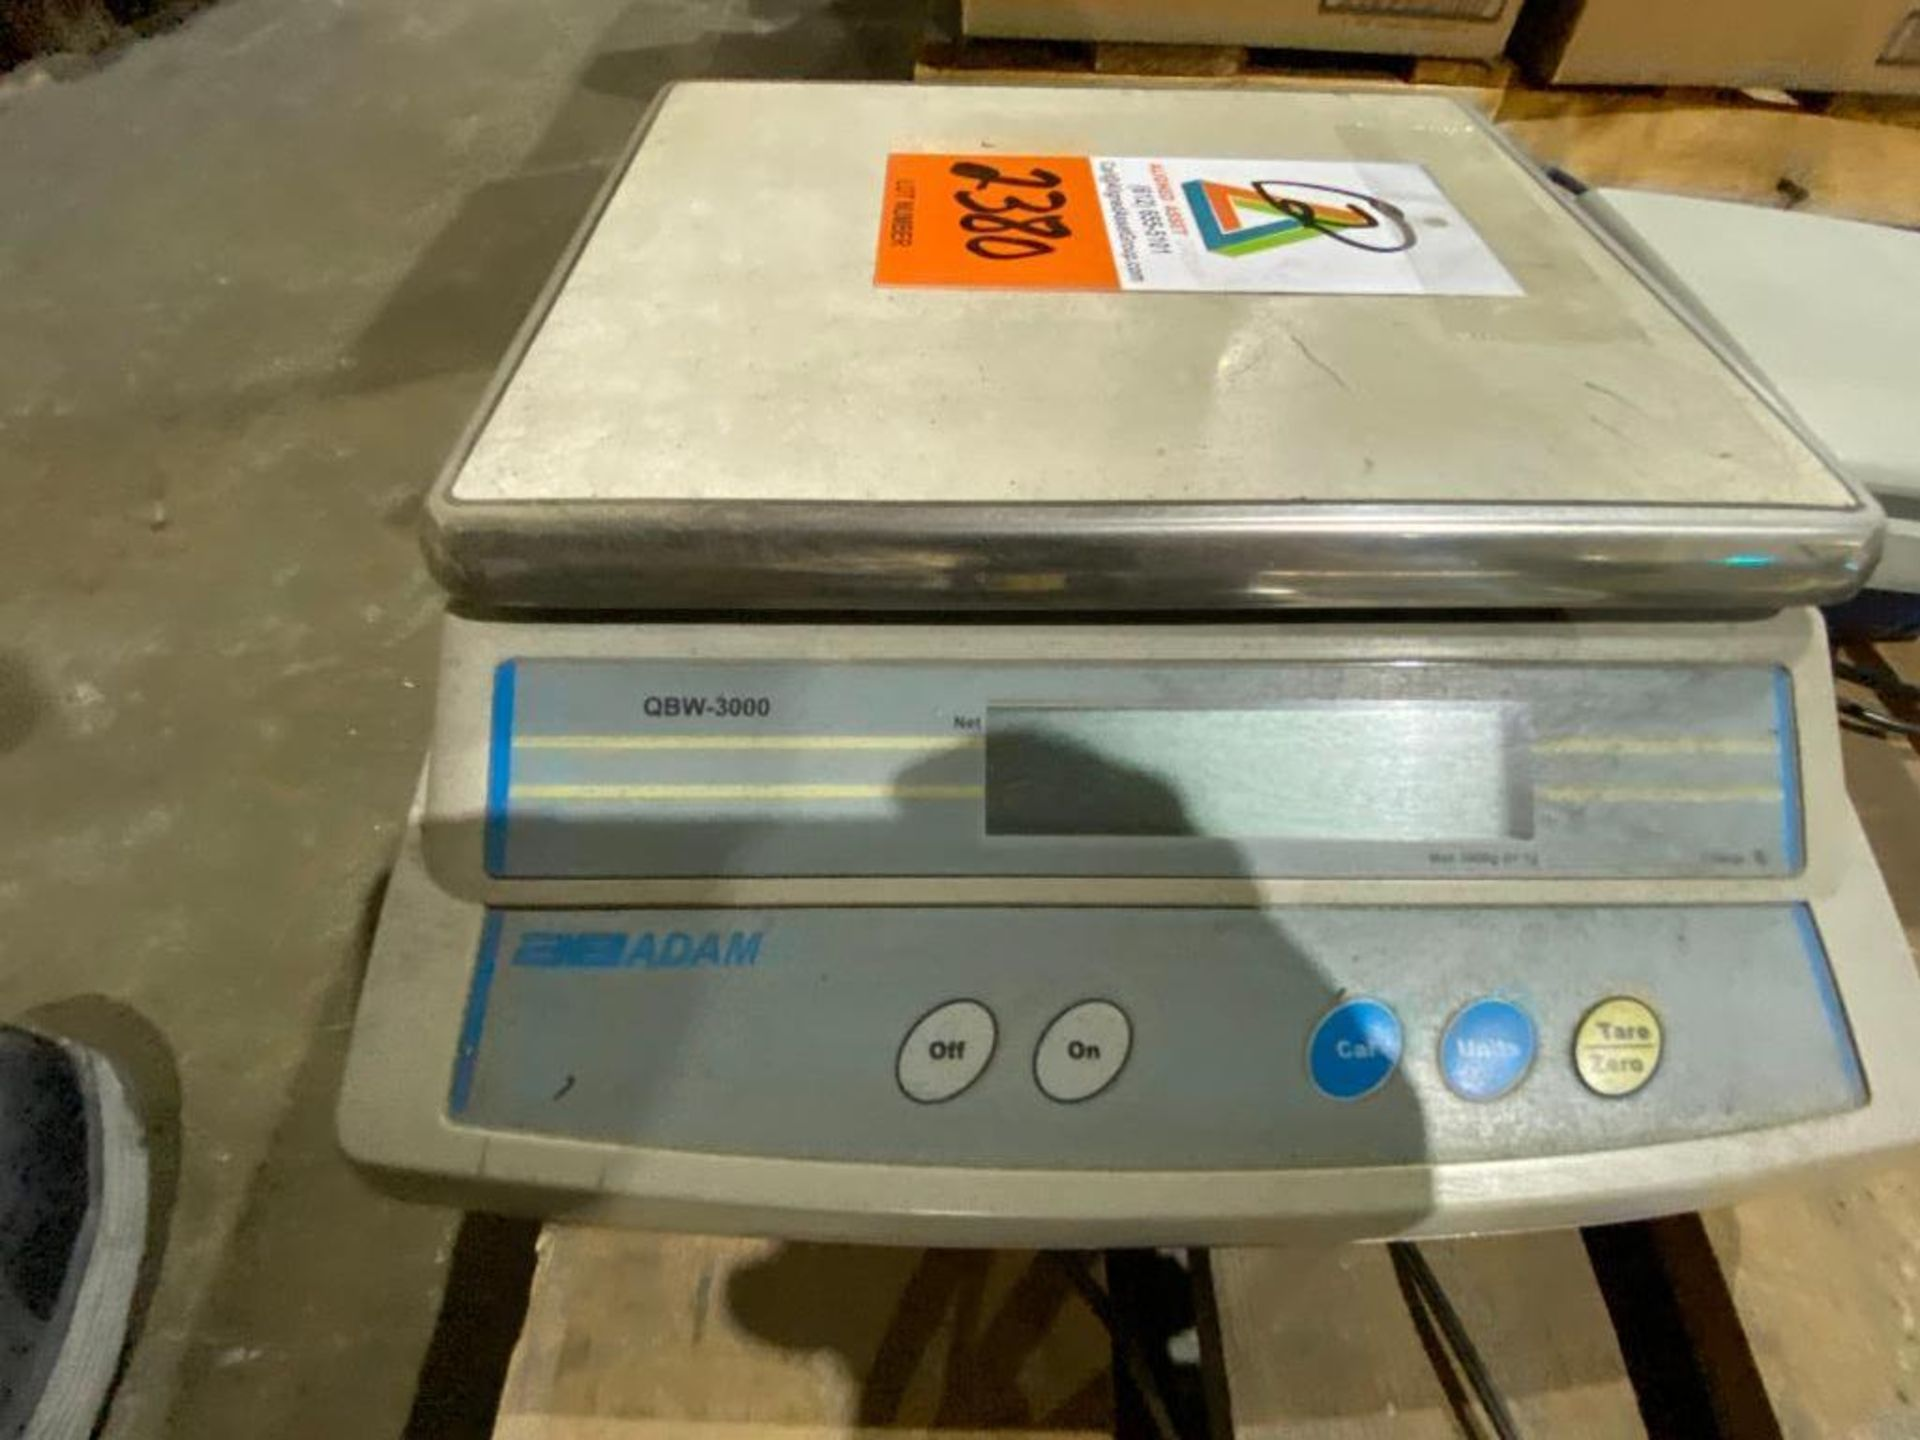 Adam digital scale, Pelouze digital scale - Image 2 of 6